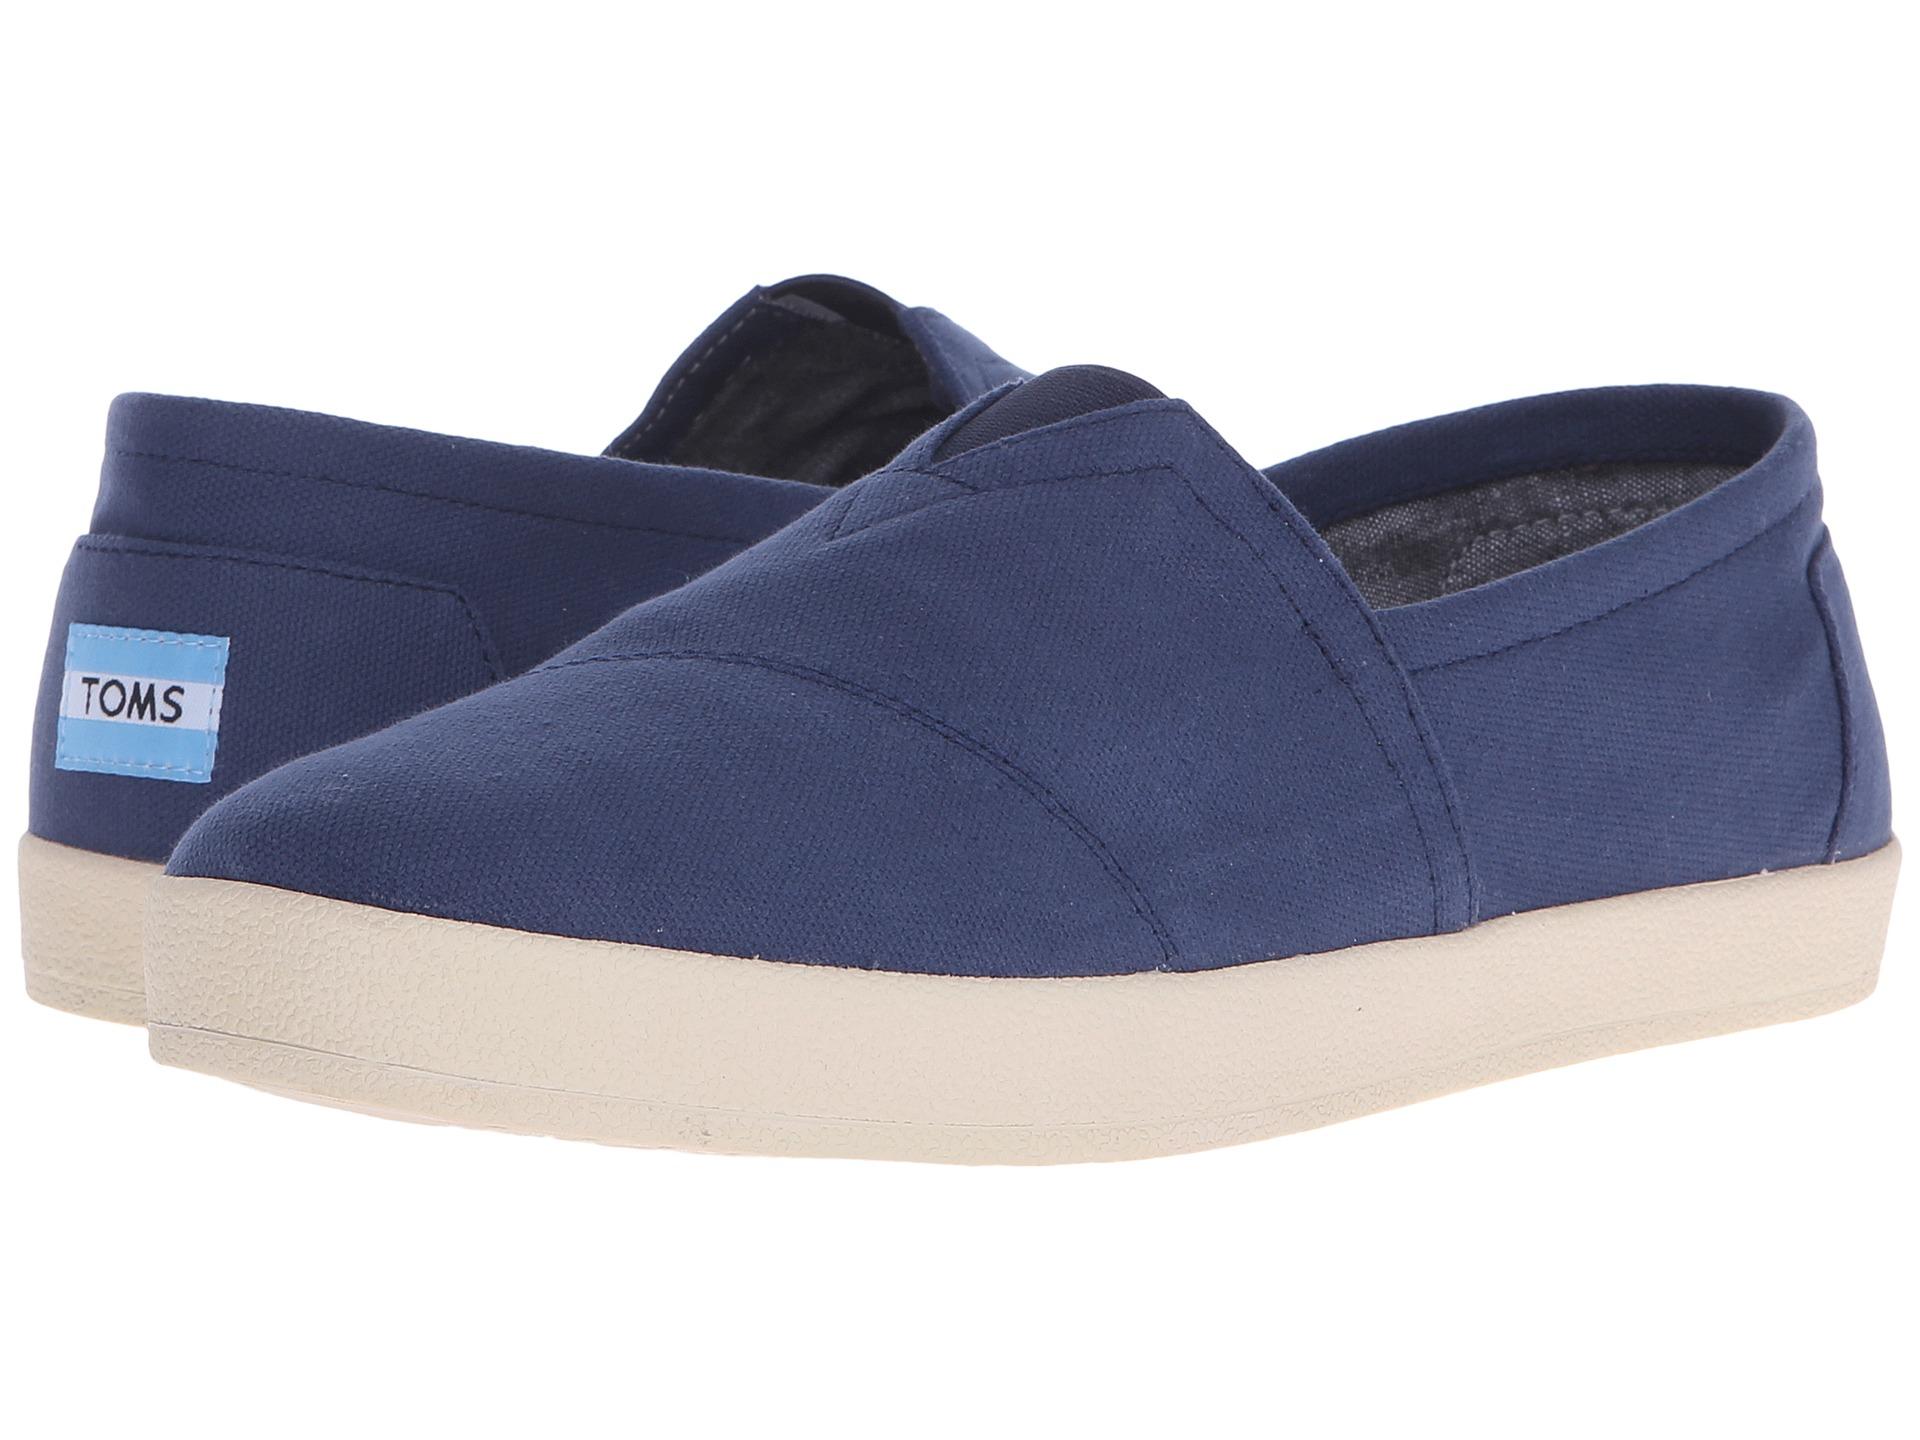 Toms Avalon Shoes - Blue